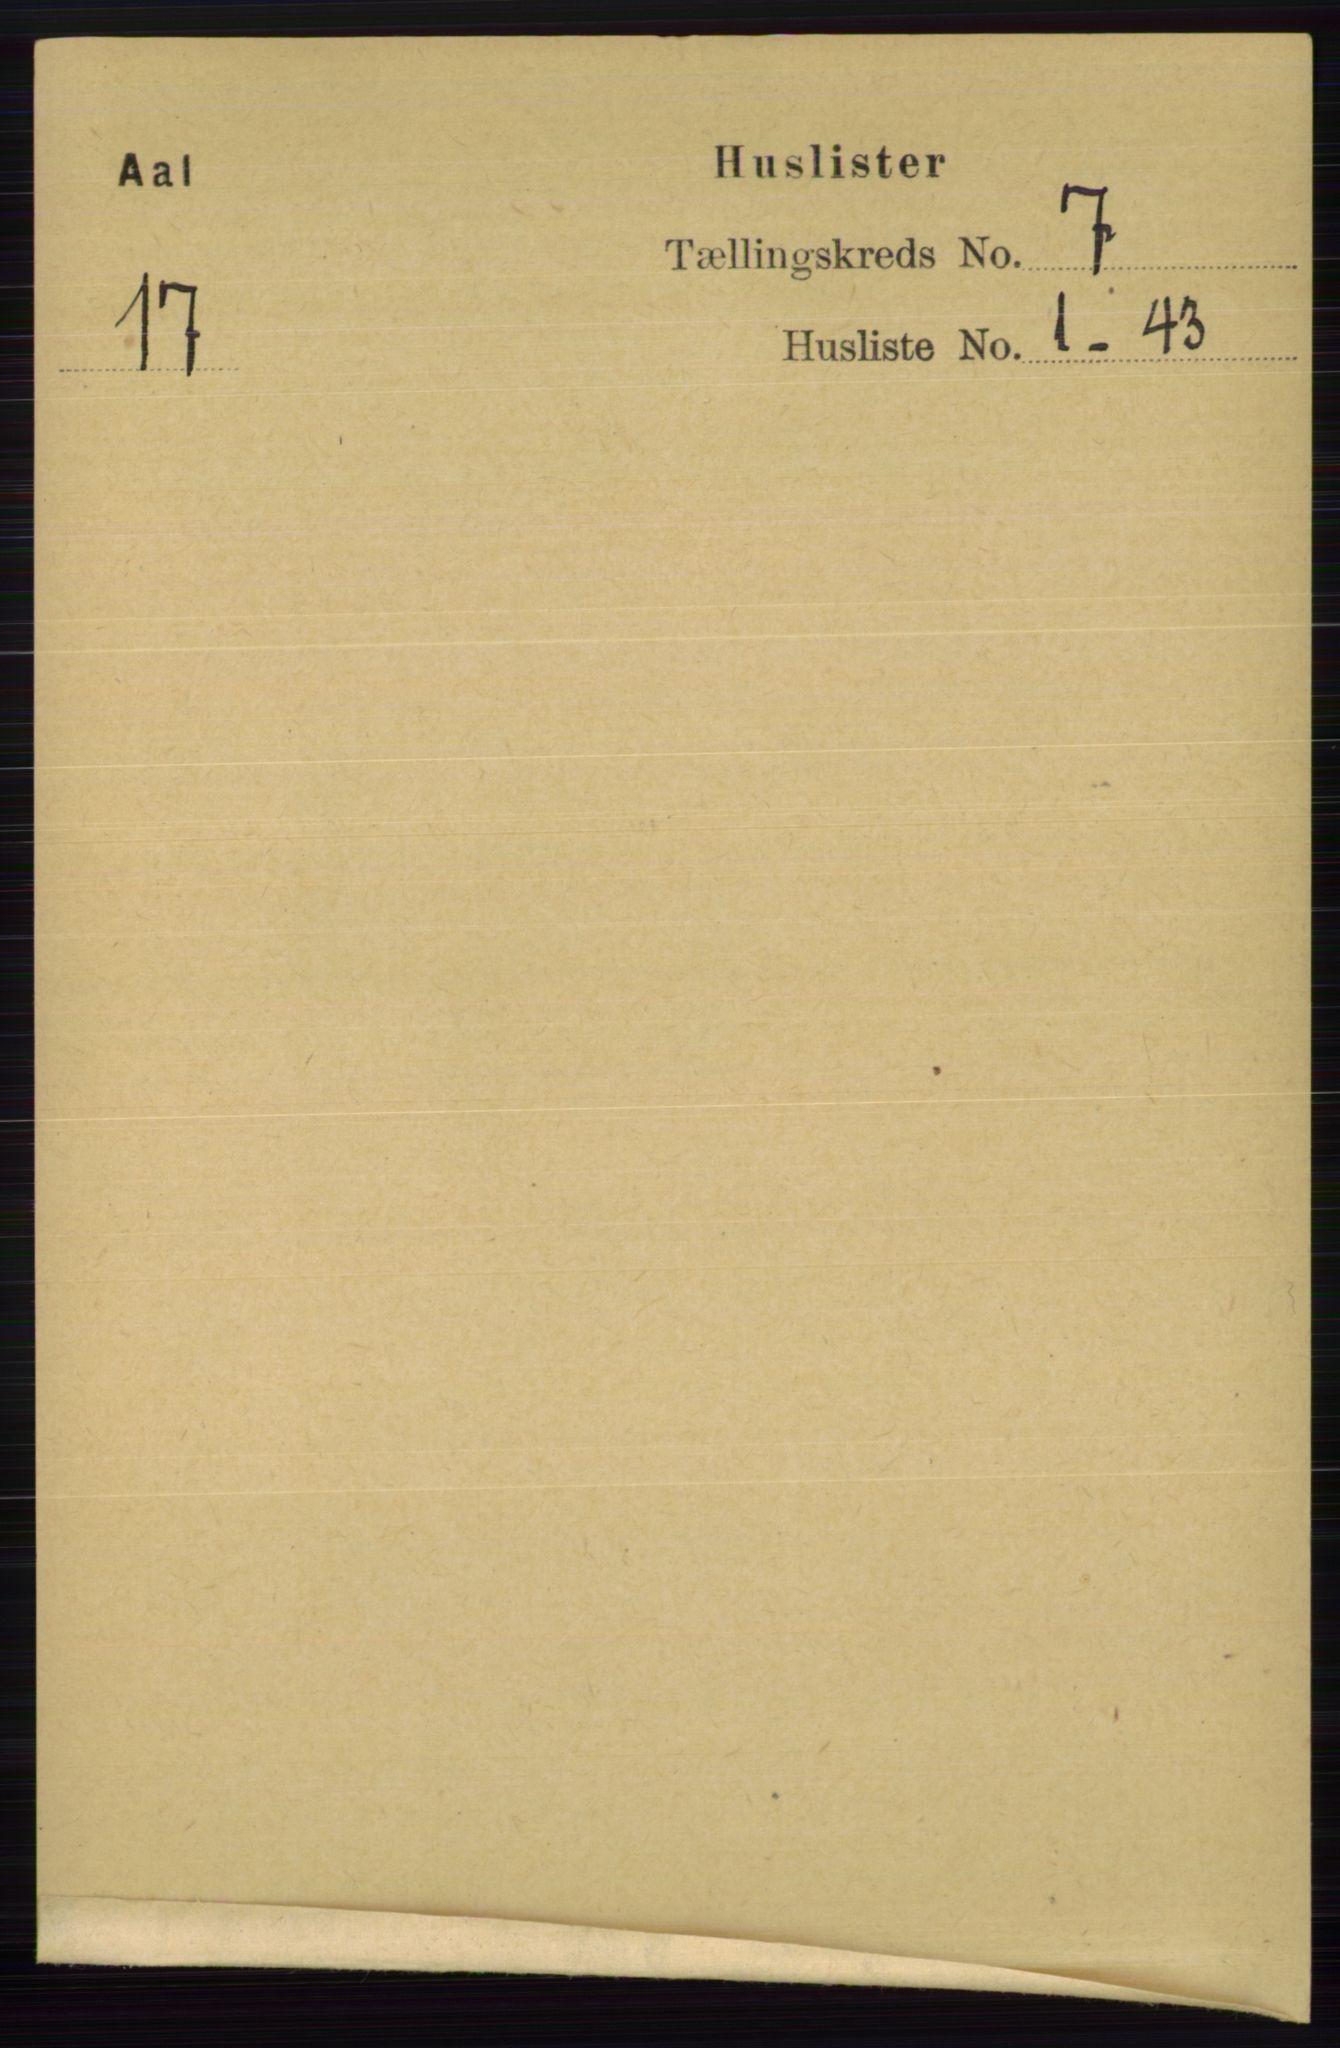 RA, Folketelling 1891 for 0619 Ål herred, 1891, s. 1781